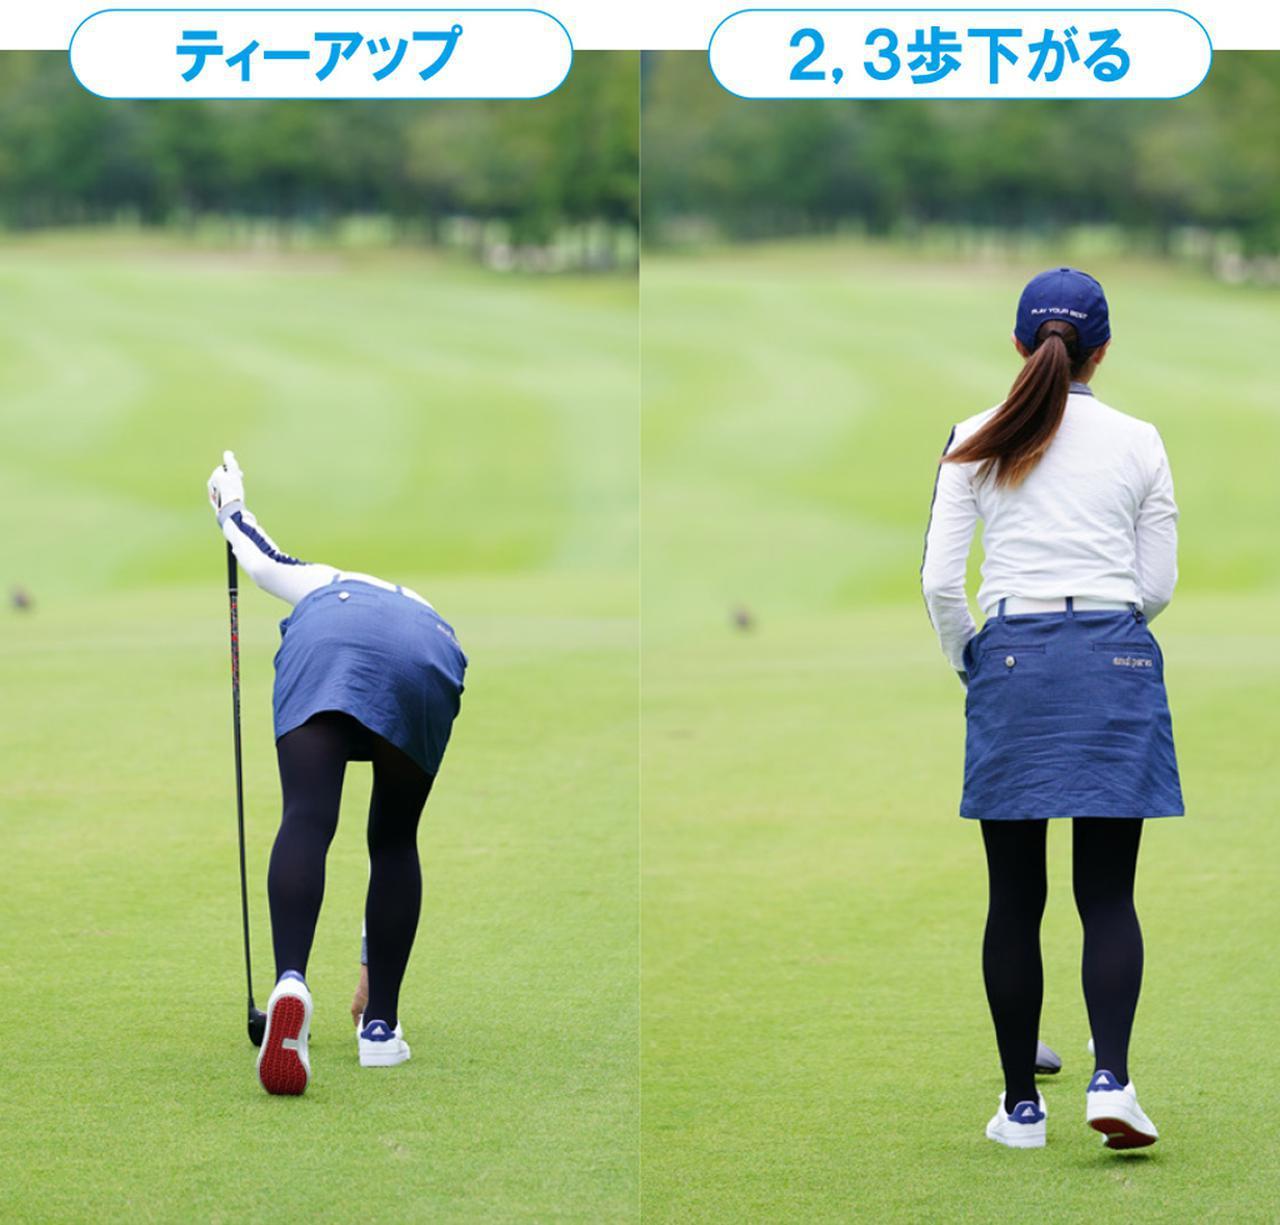 画像2: 【準備段階】 素振りはボールの後ろで 最大2回まで